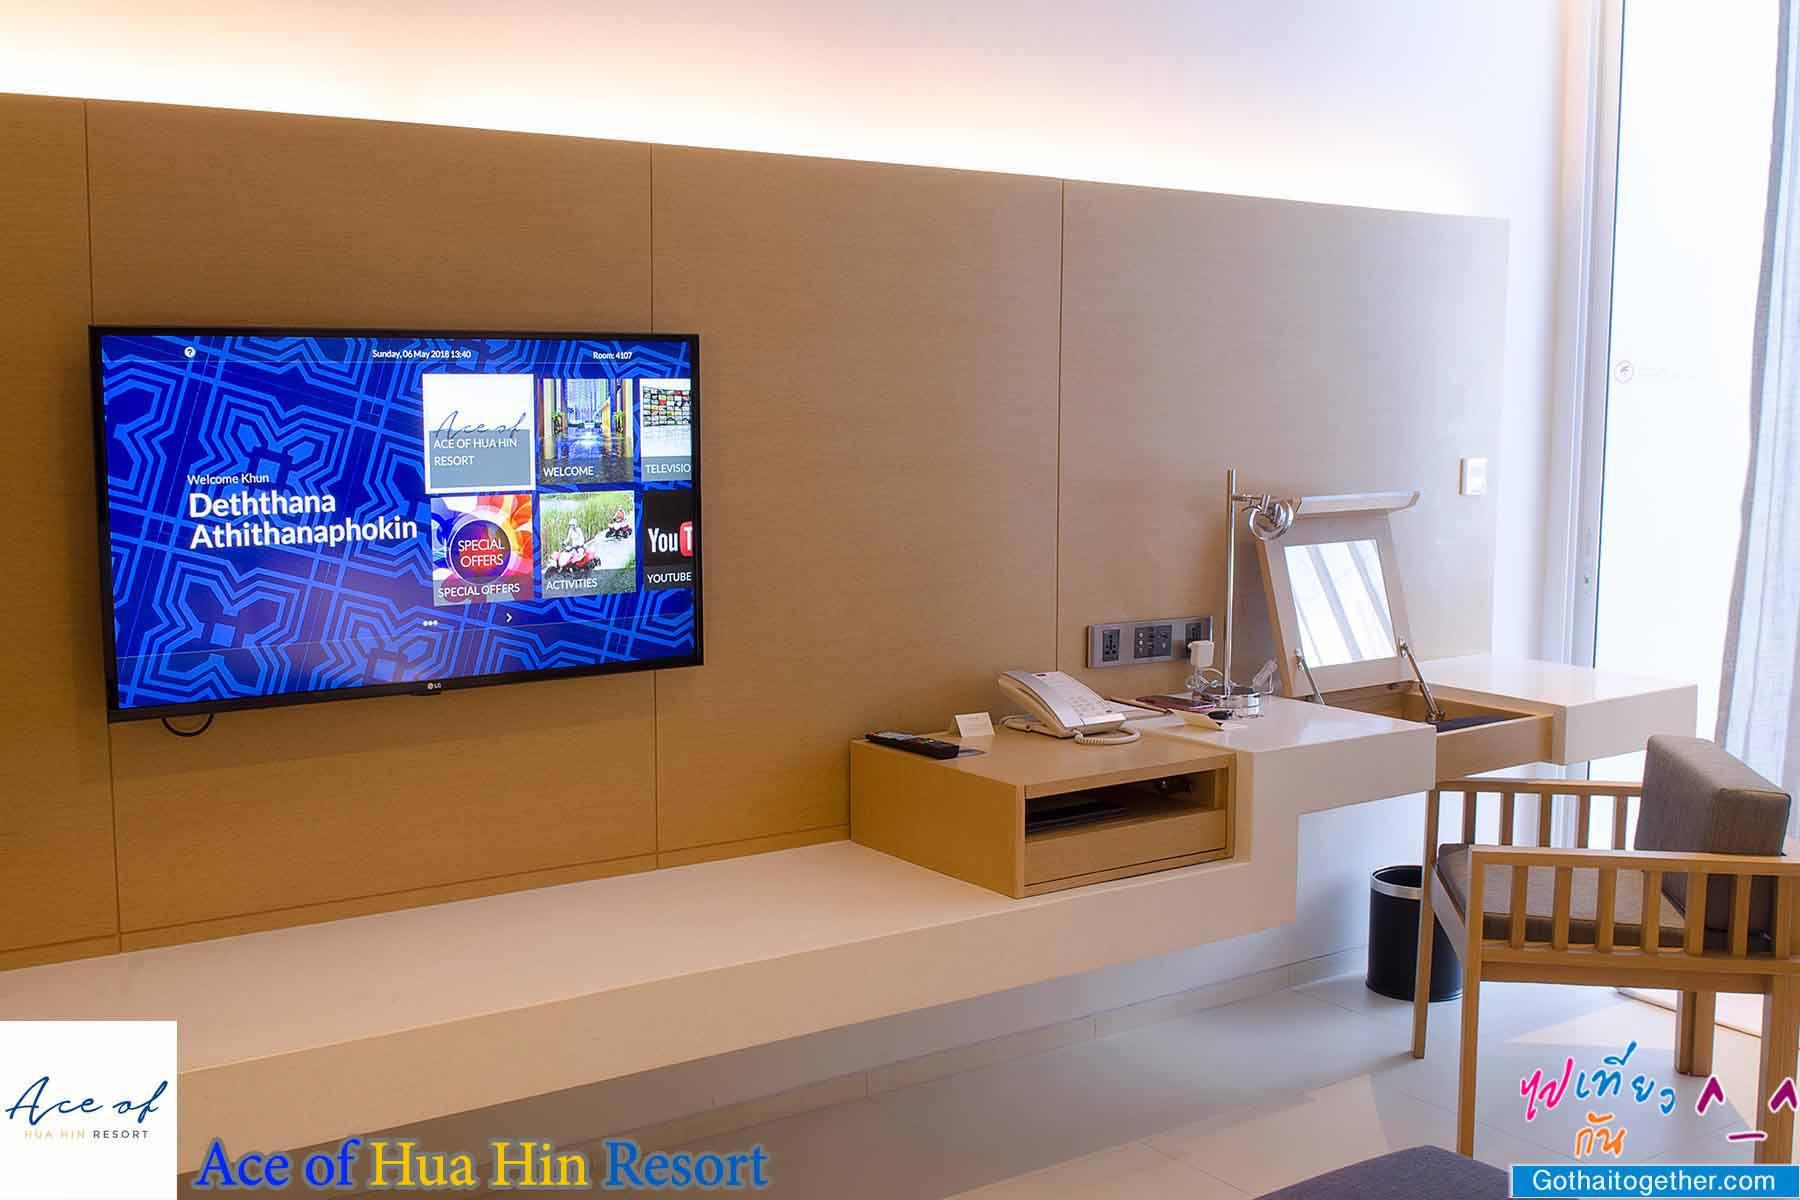 5 จุดเช็คอิน ทะเลใกล้กรุง พักผ่อนมีระดับ ชมวิวชิลไปกับ Ace of Hua Hin Resort 225